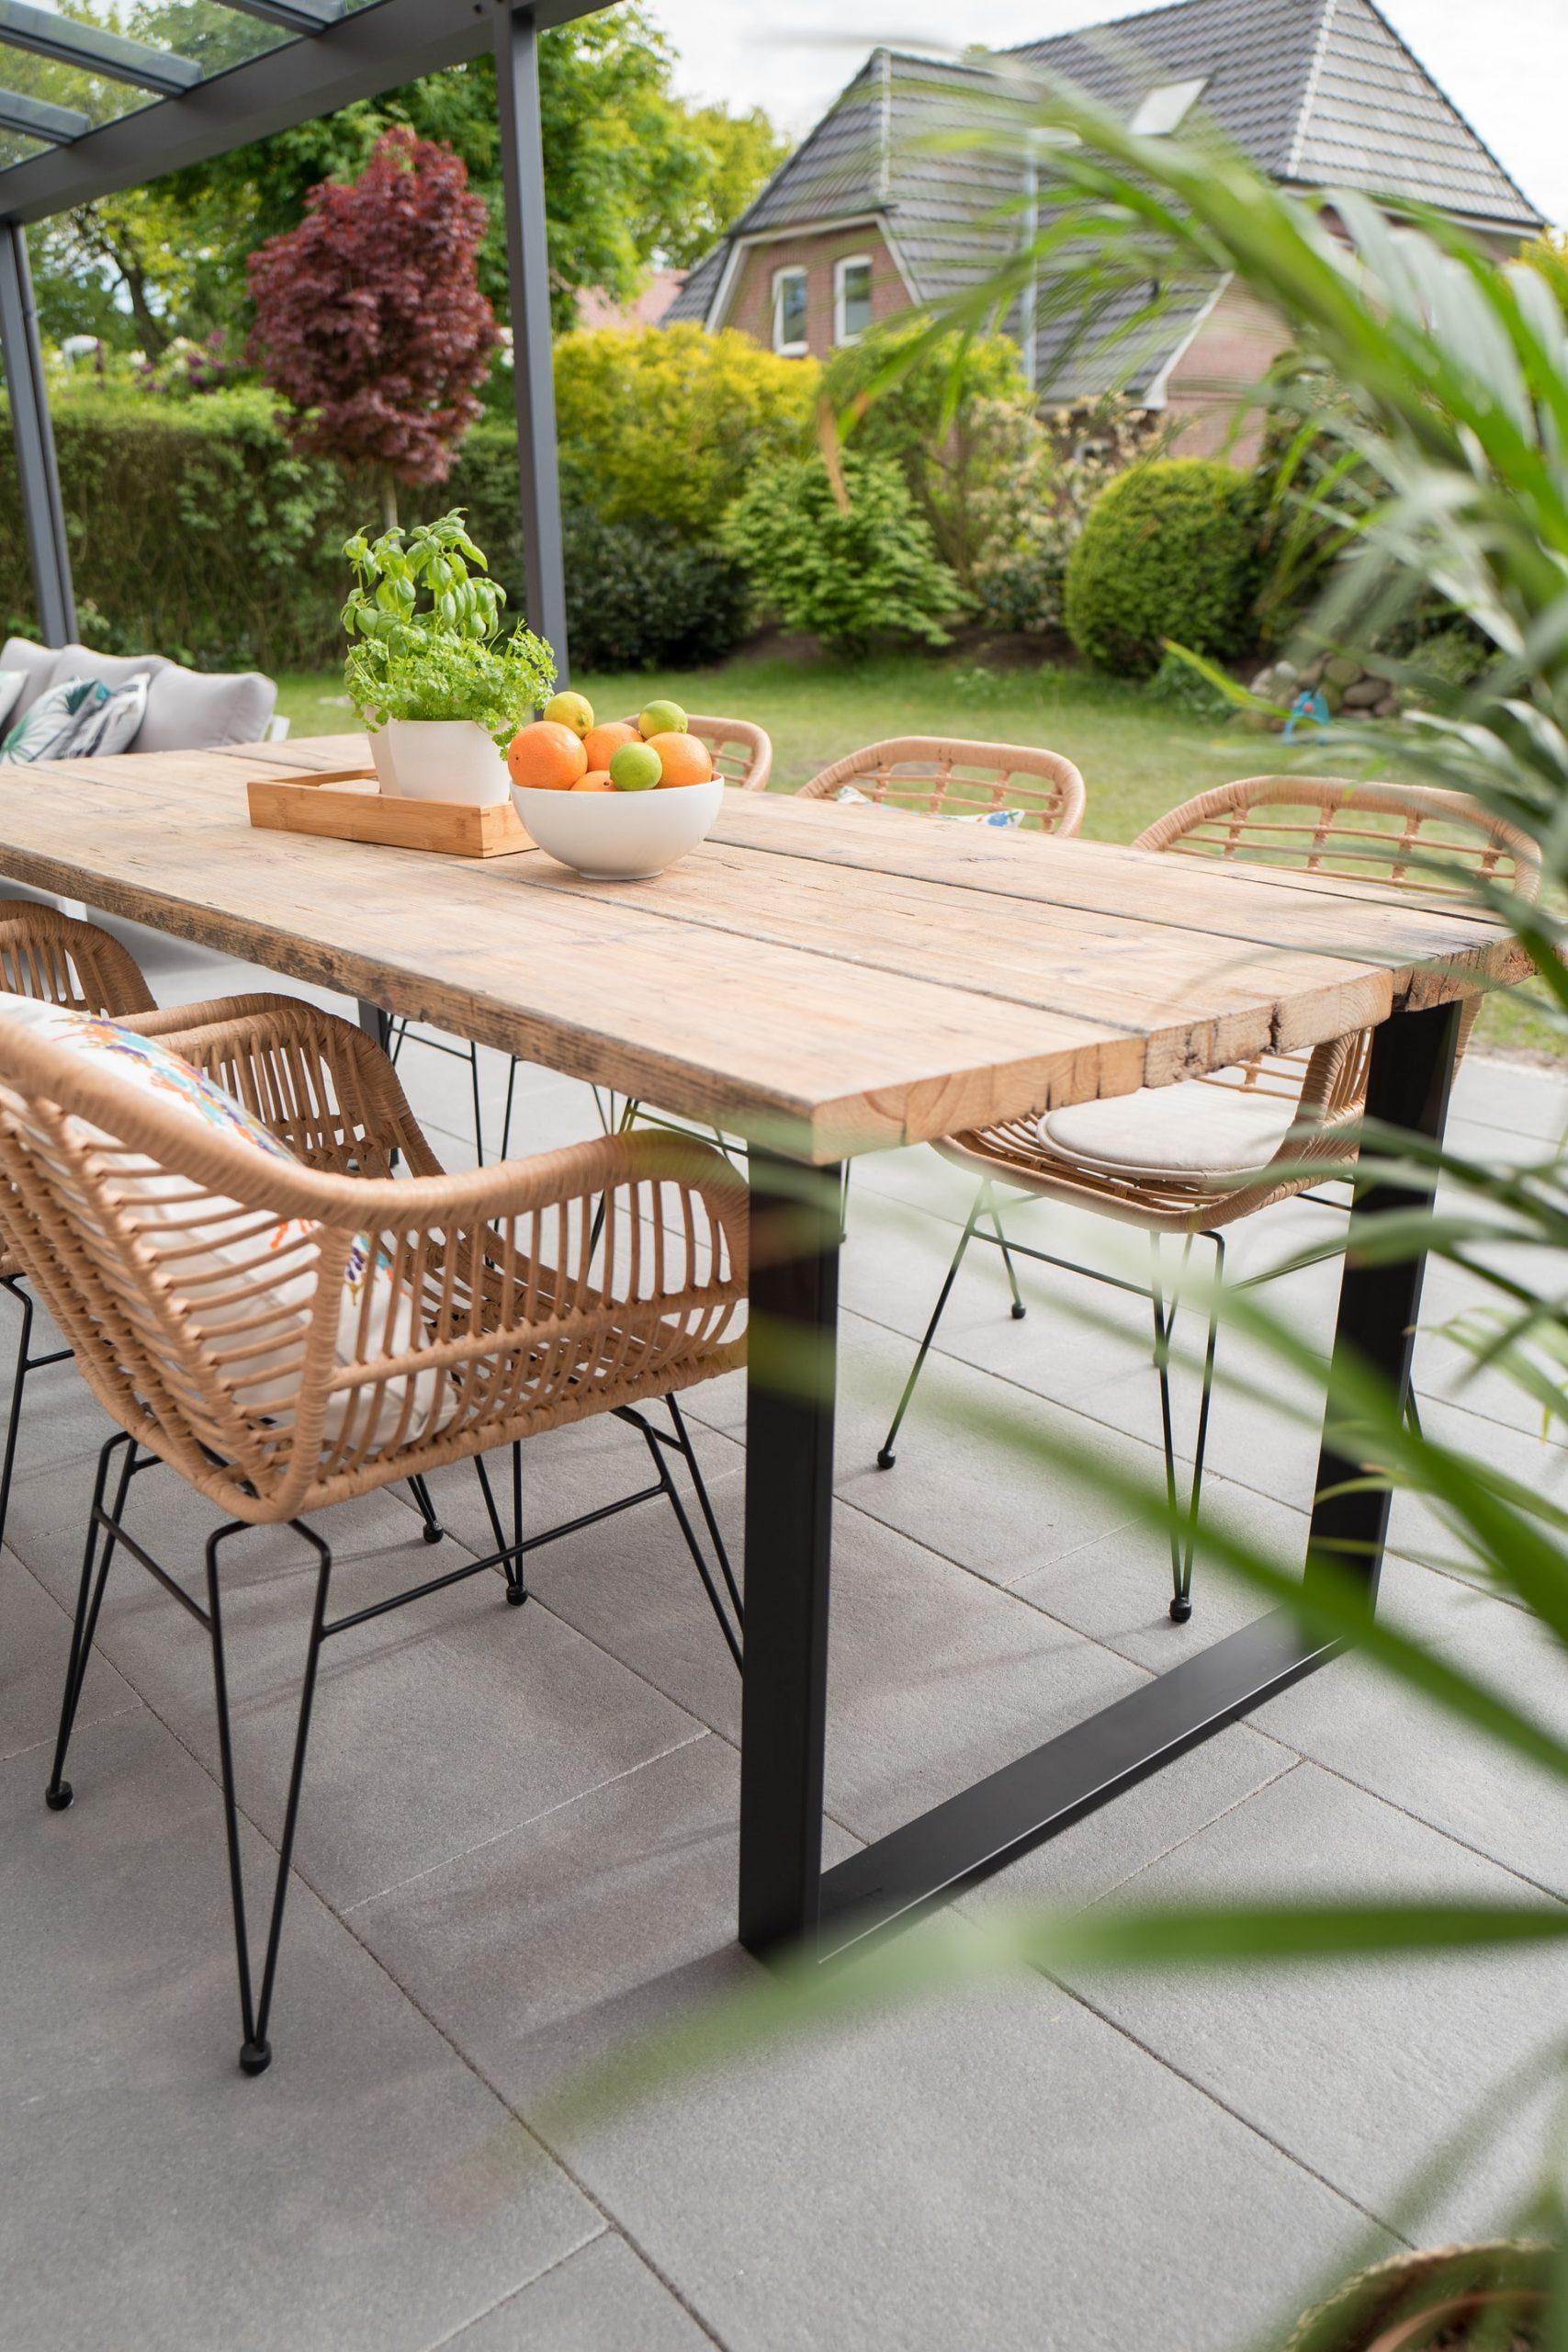 table et chaises en bois posées sur une terrasse carrelée